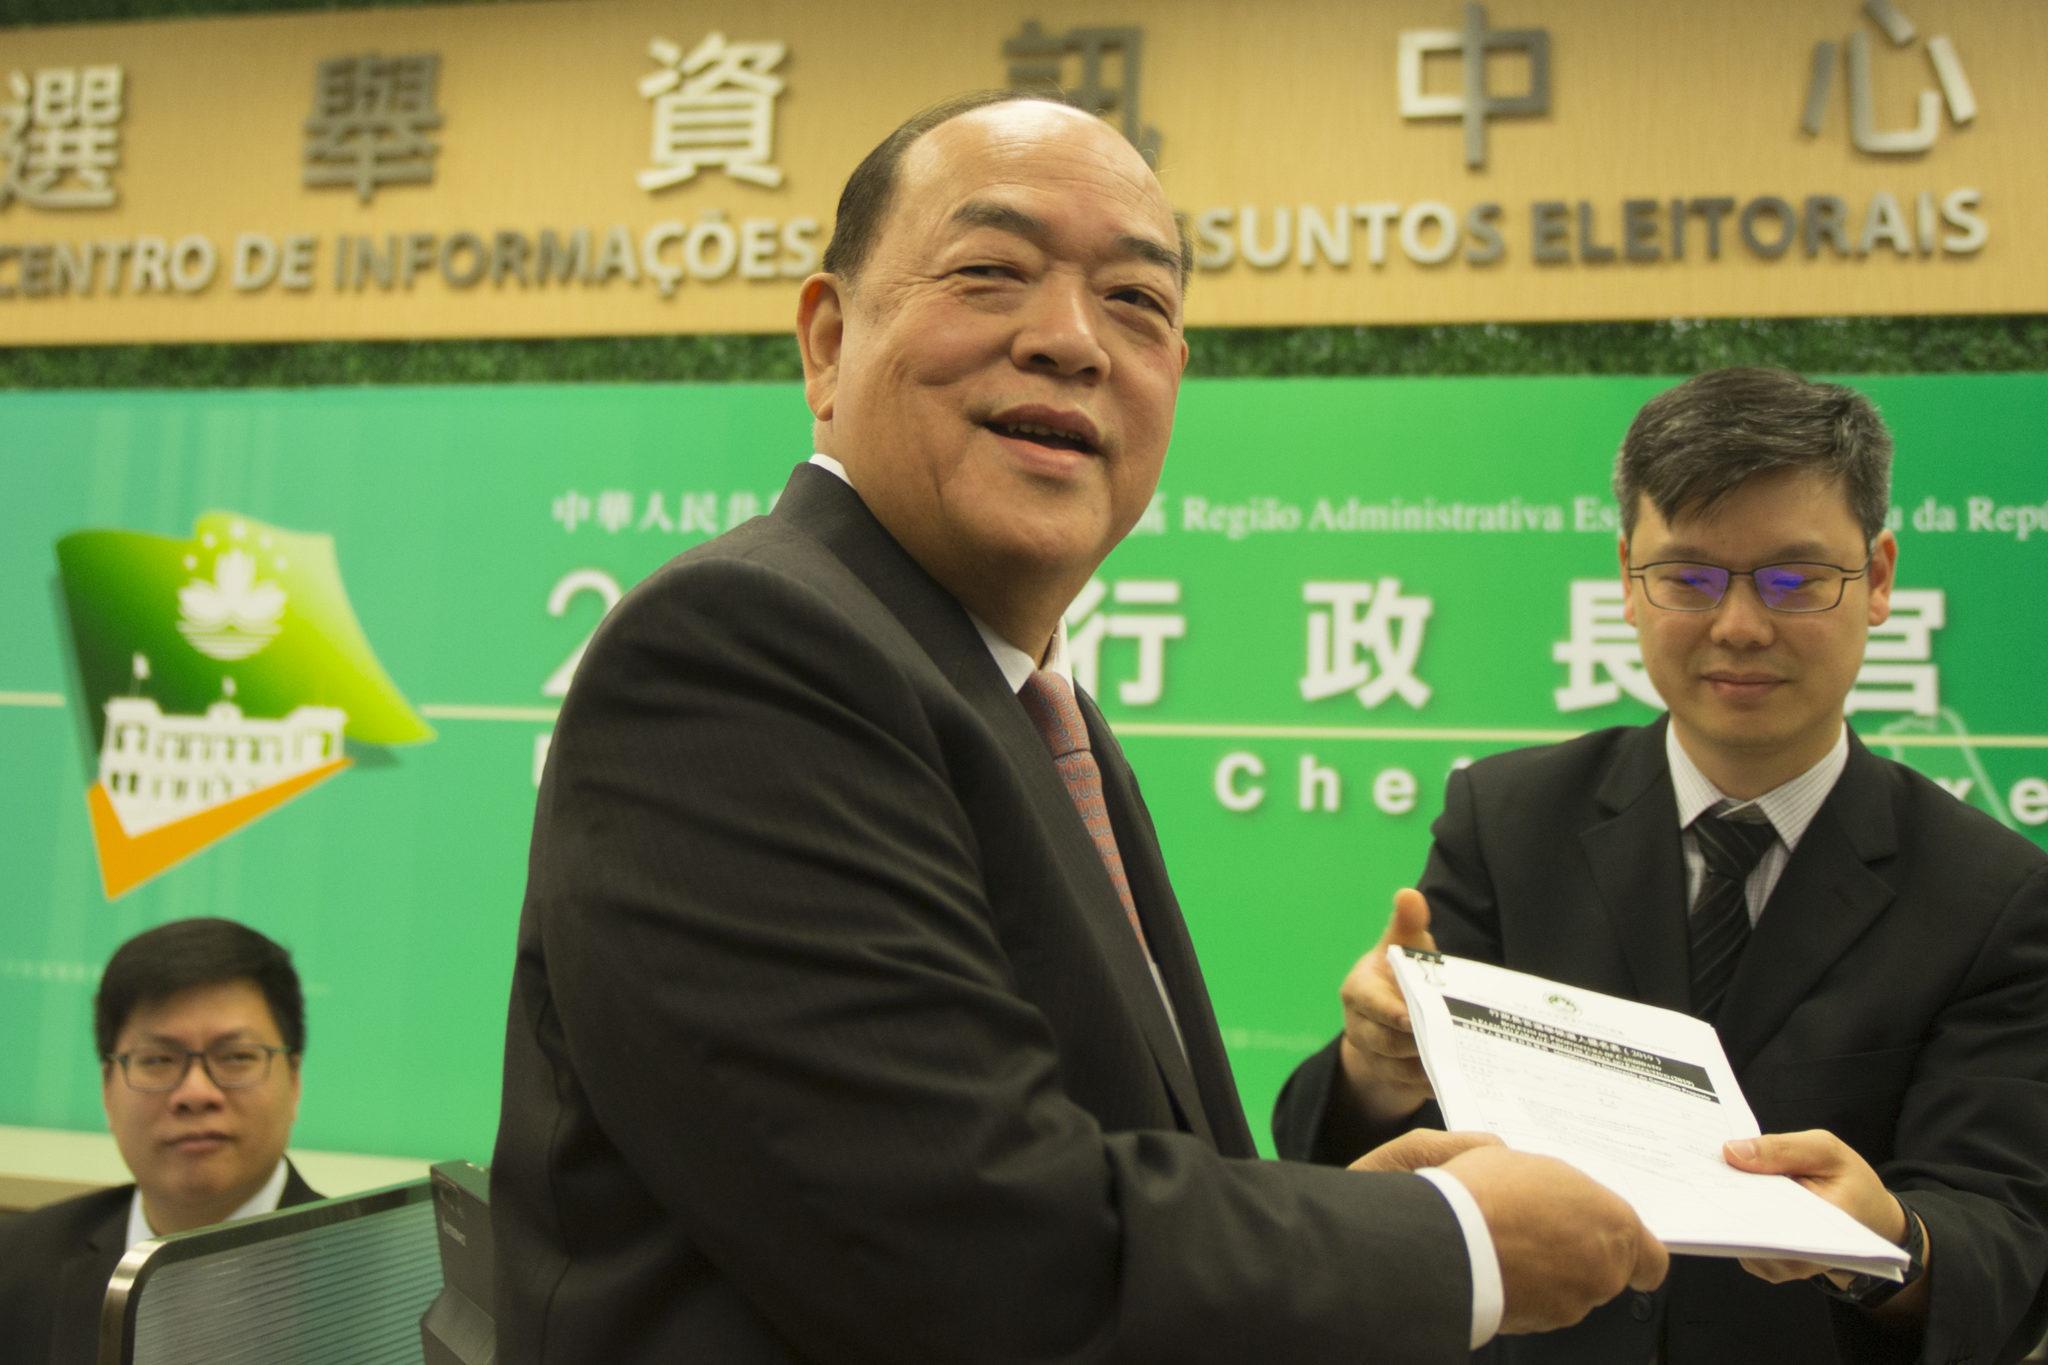 Chefe do Executivo | Chui Sai On, Governo Central e Carrie Lam parabenizam Ho Iat Seng pela vitória na eleição